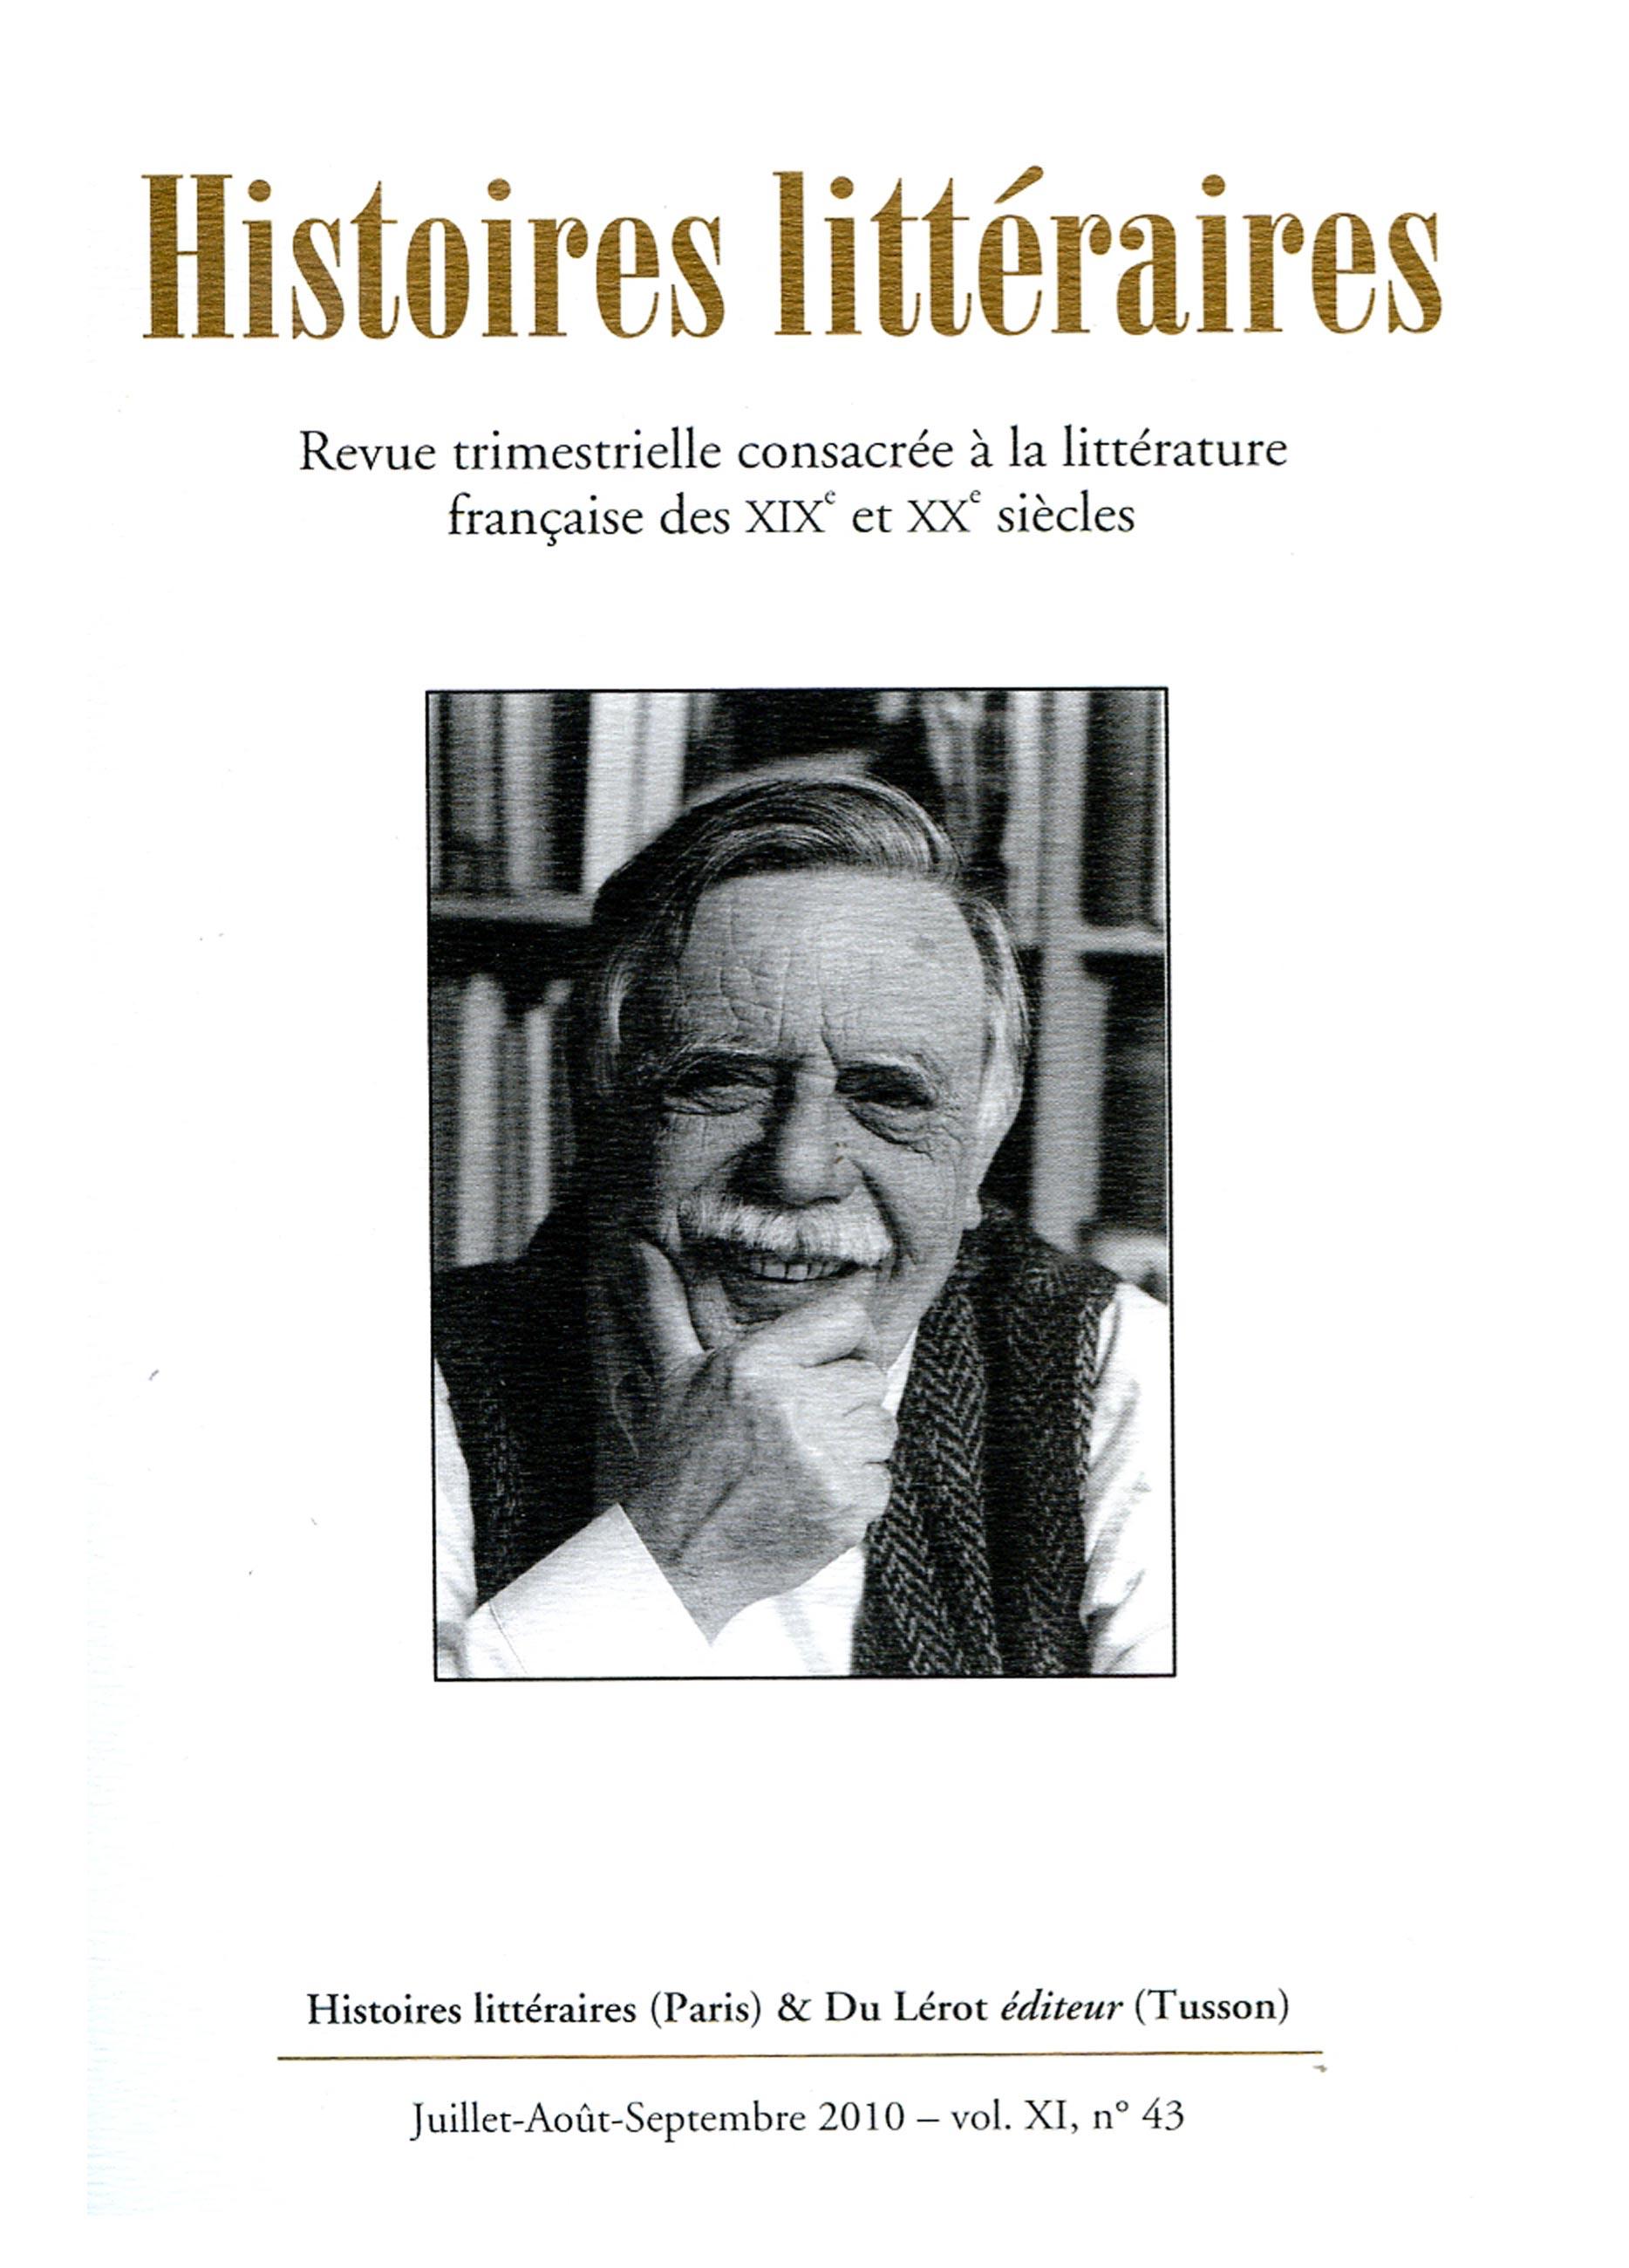 Couverture d'Histoires littéraires n°43